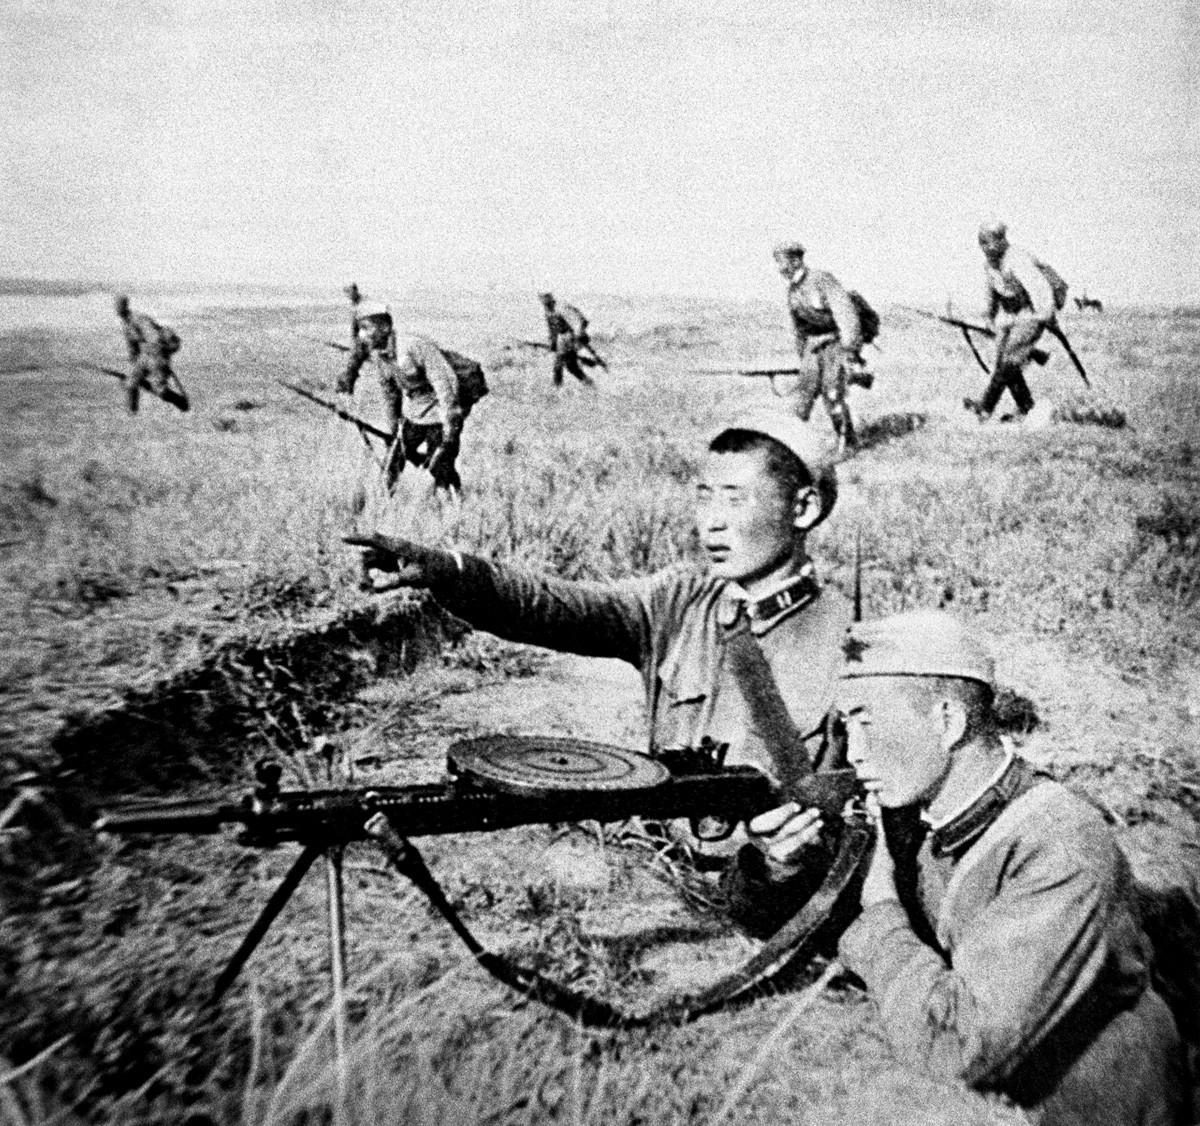 Монголска пешадија у борби на реци Халкин Гол.